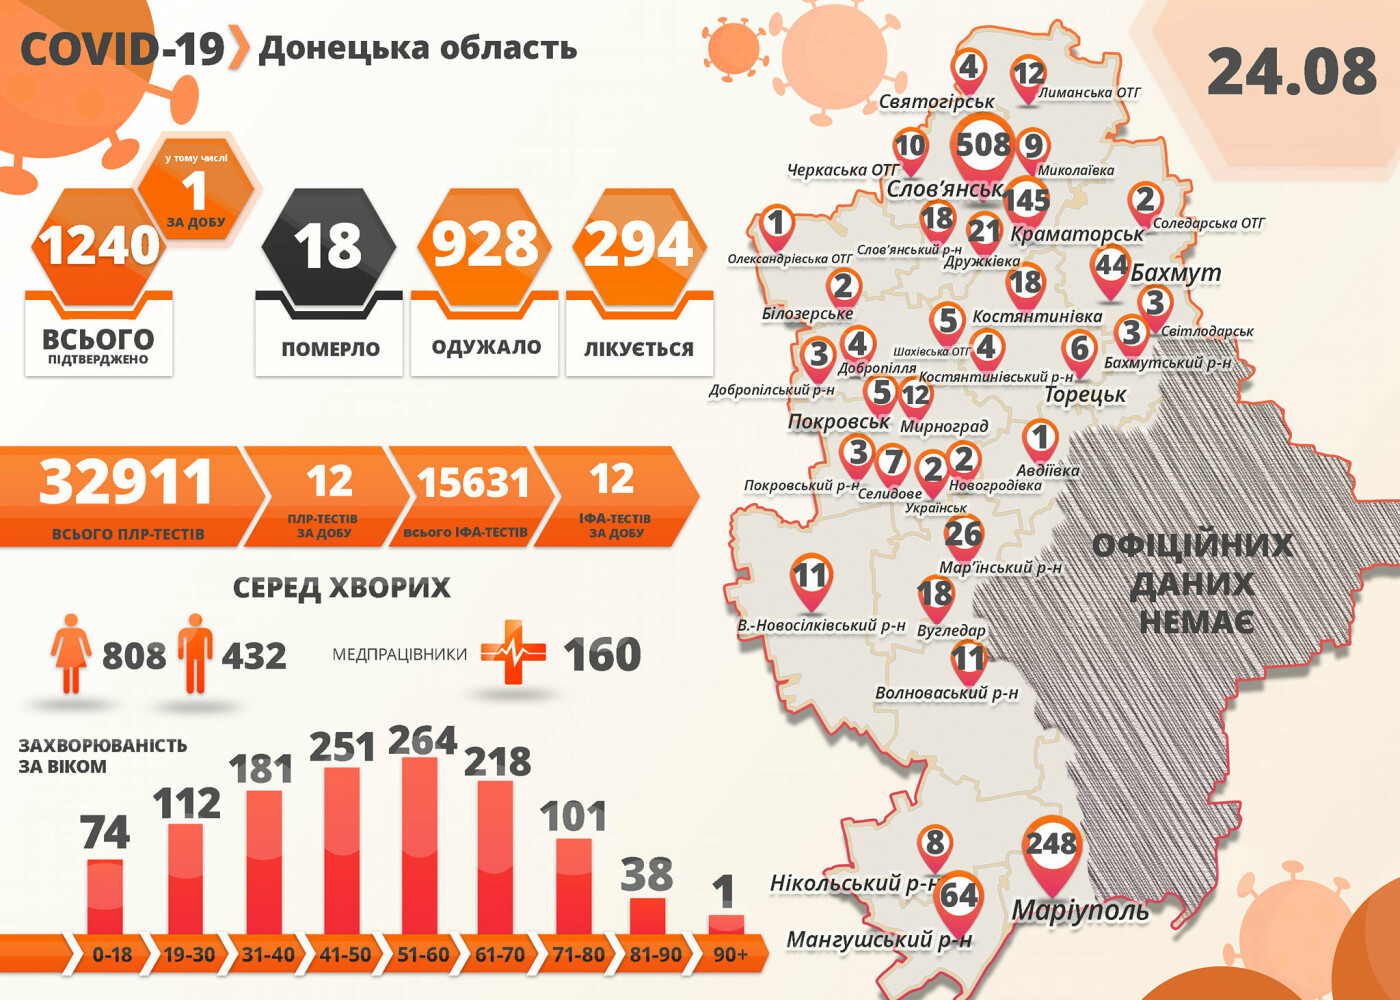 В Донецкой области от коронавируса умерла женщина, фото-1